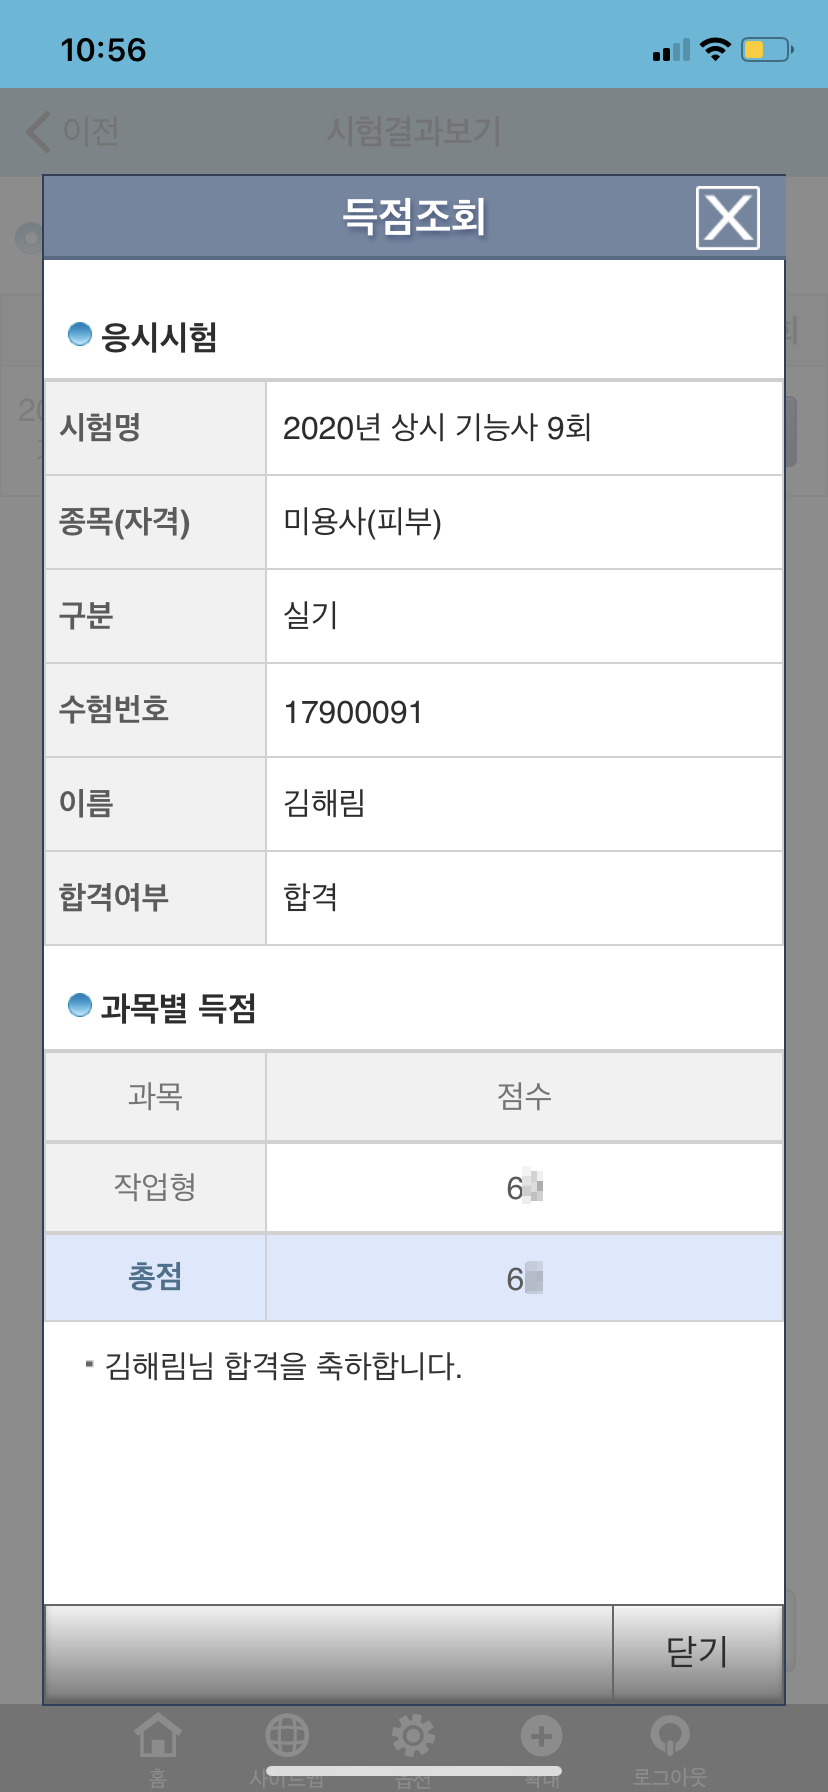 김해림 수강생 피부국가자격증 후기